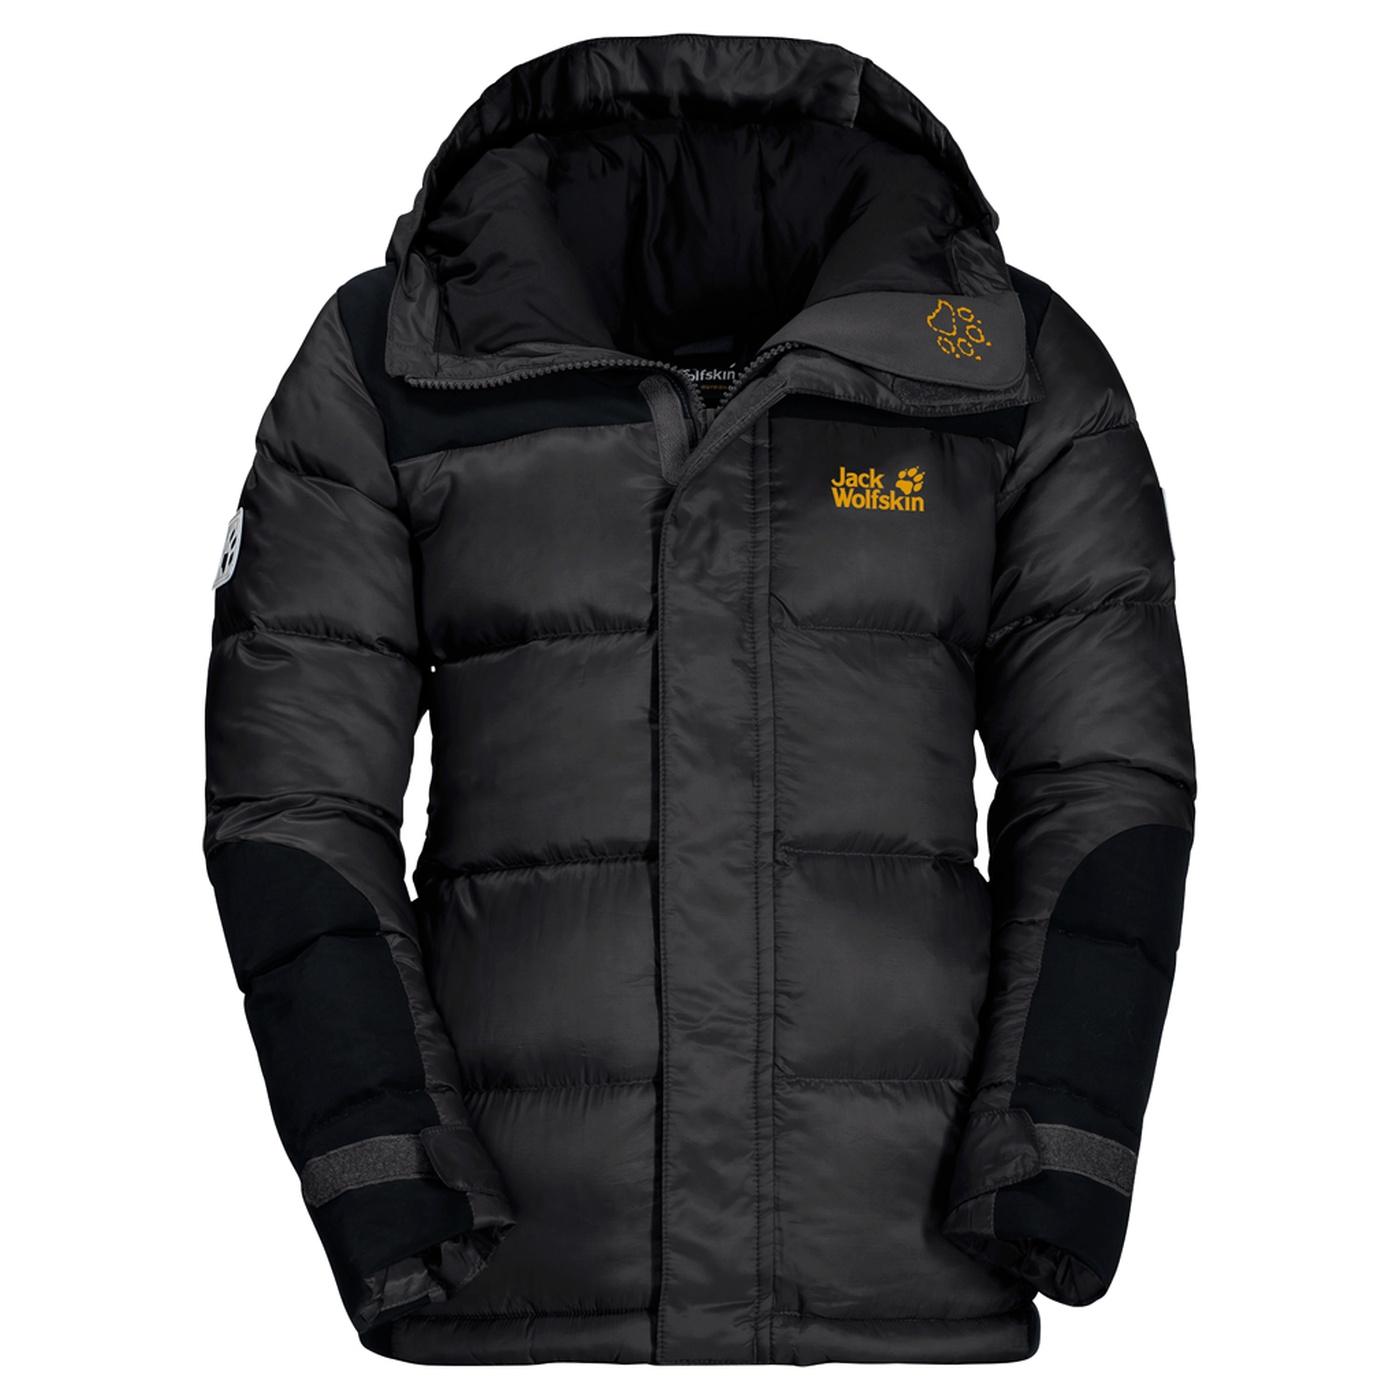 Jack Wolfskin Black Cook Jacket